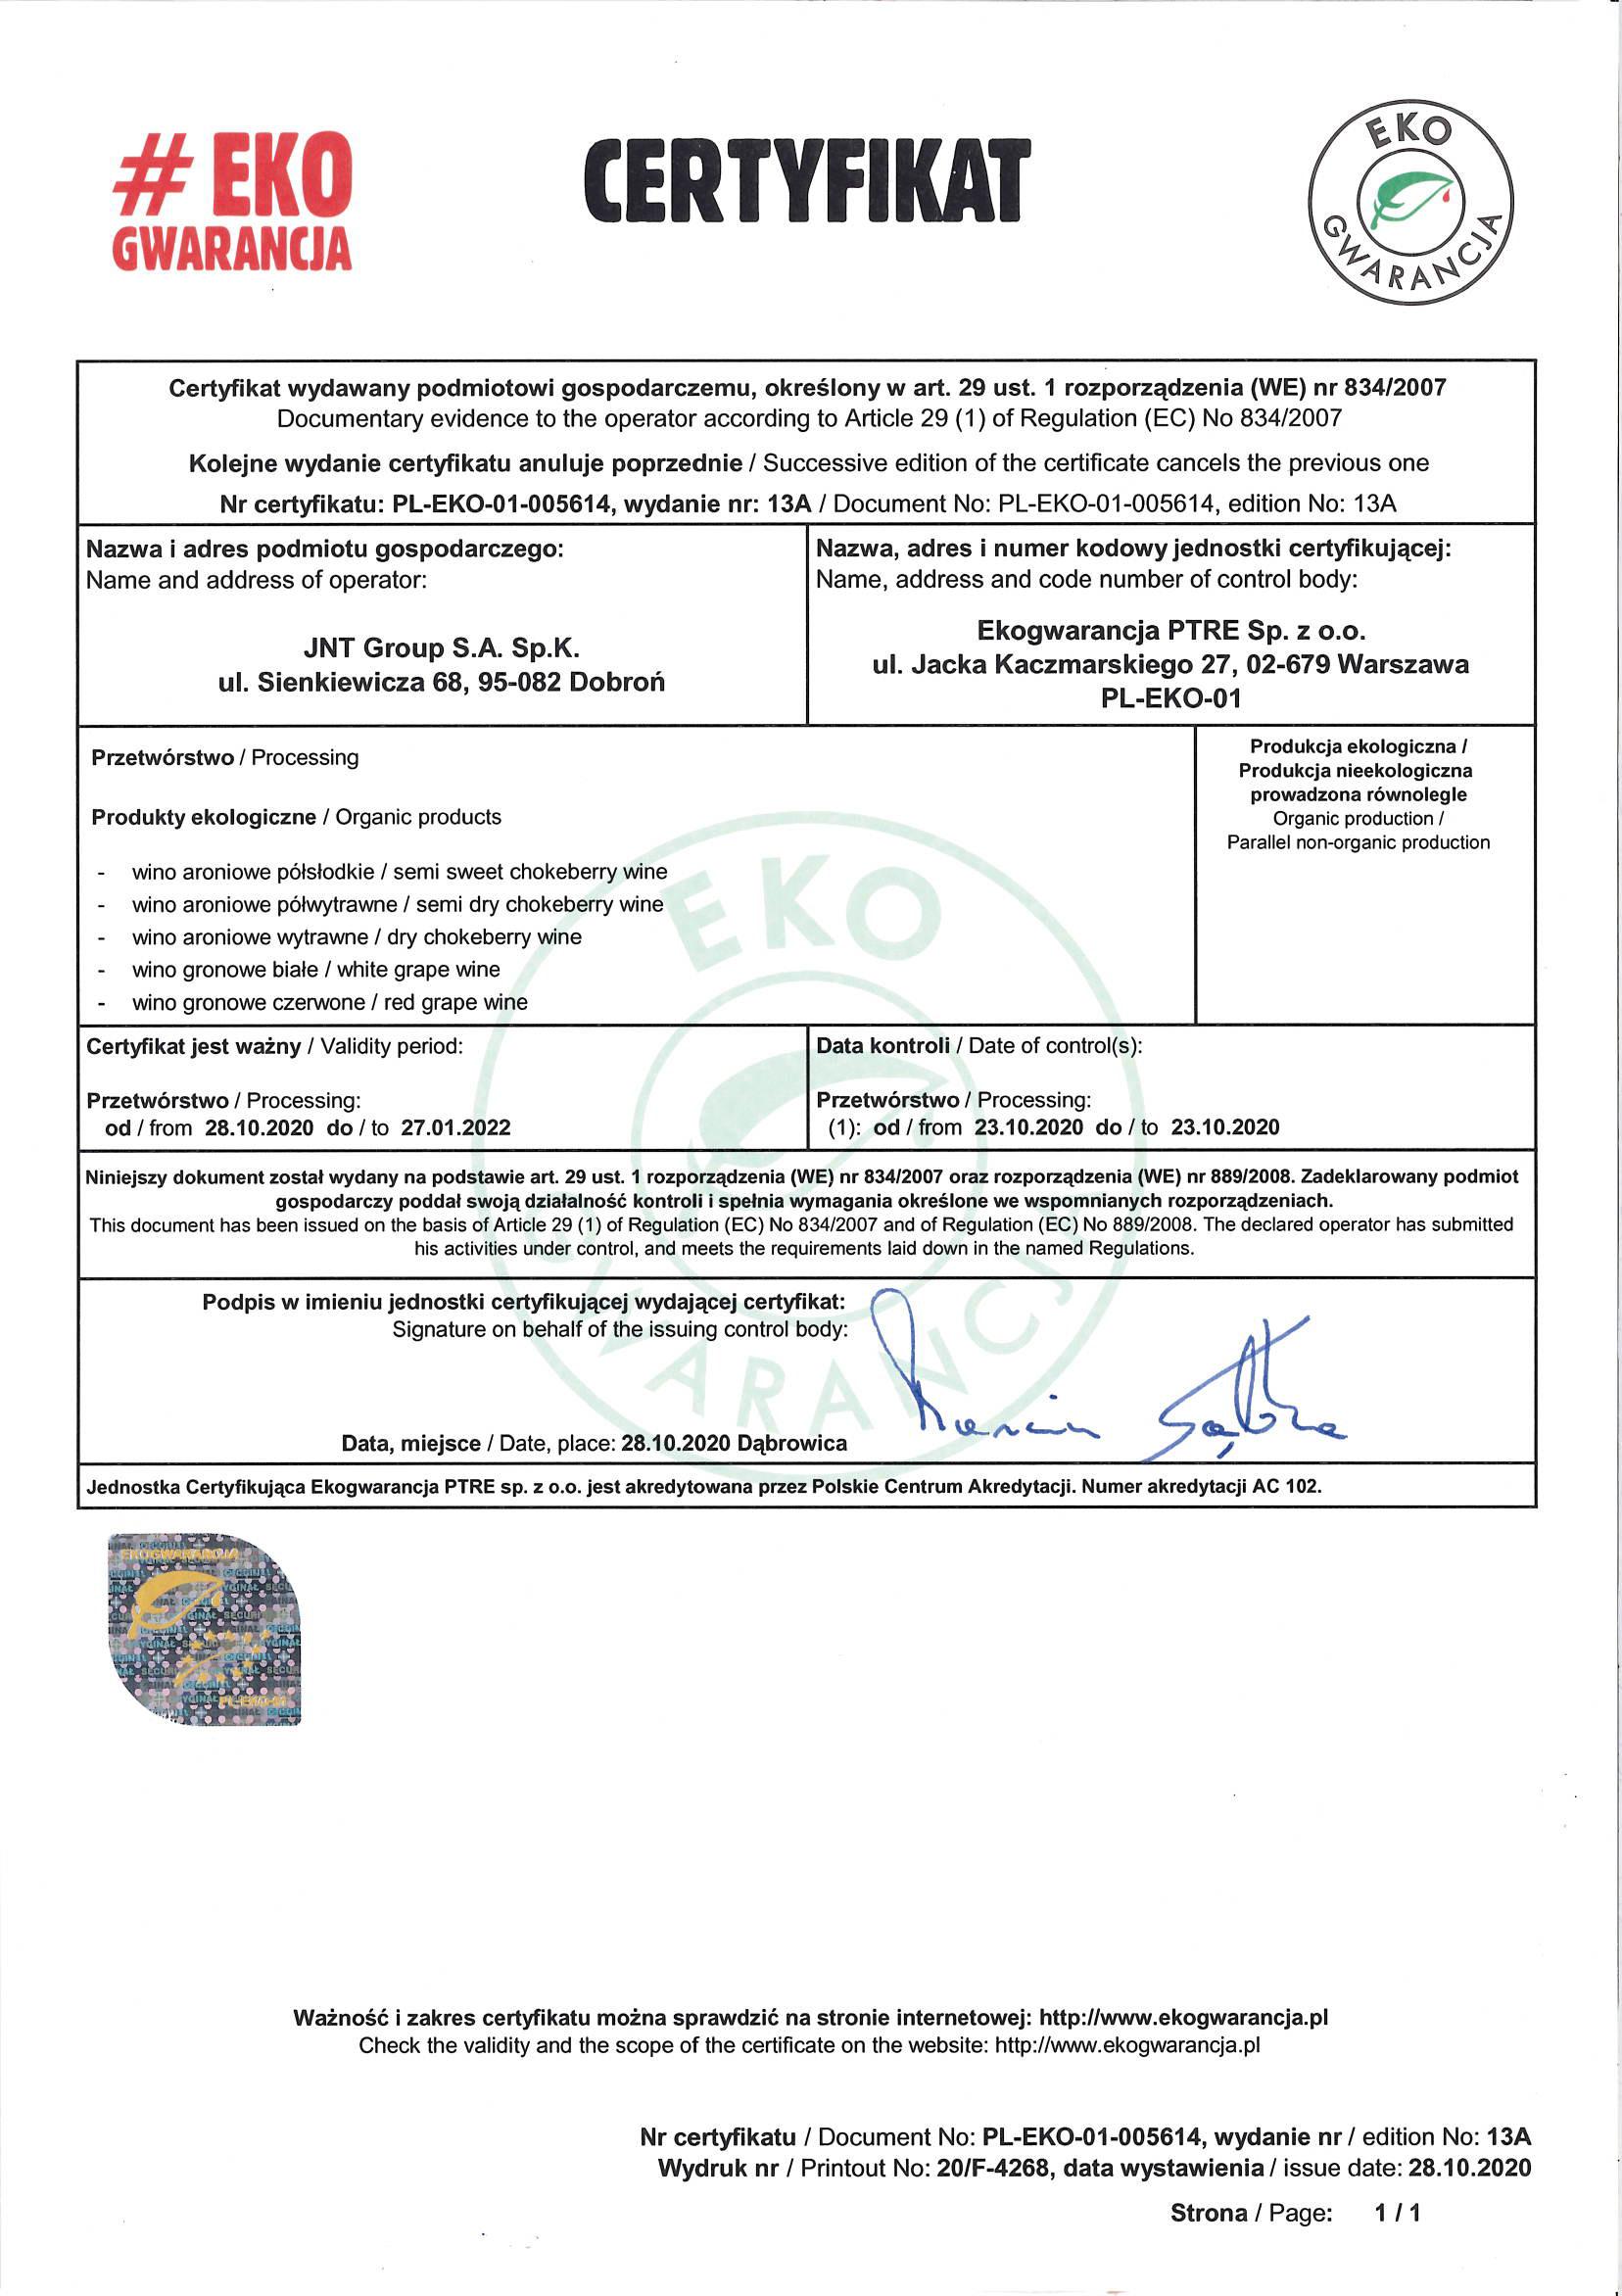 Certyfikat-Eko-Gwarancja-PL-EKO-01-005614-ważny-do-28.01